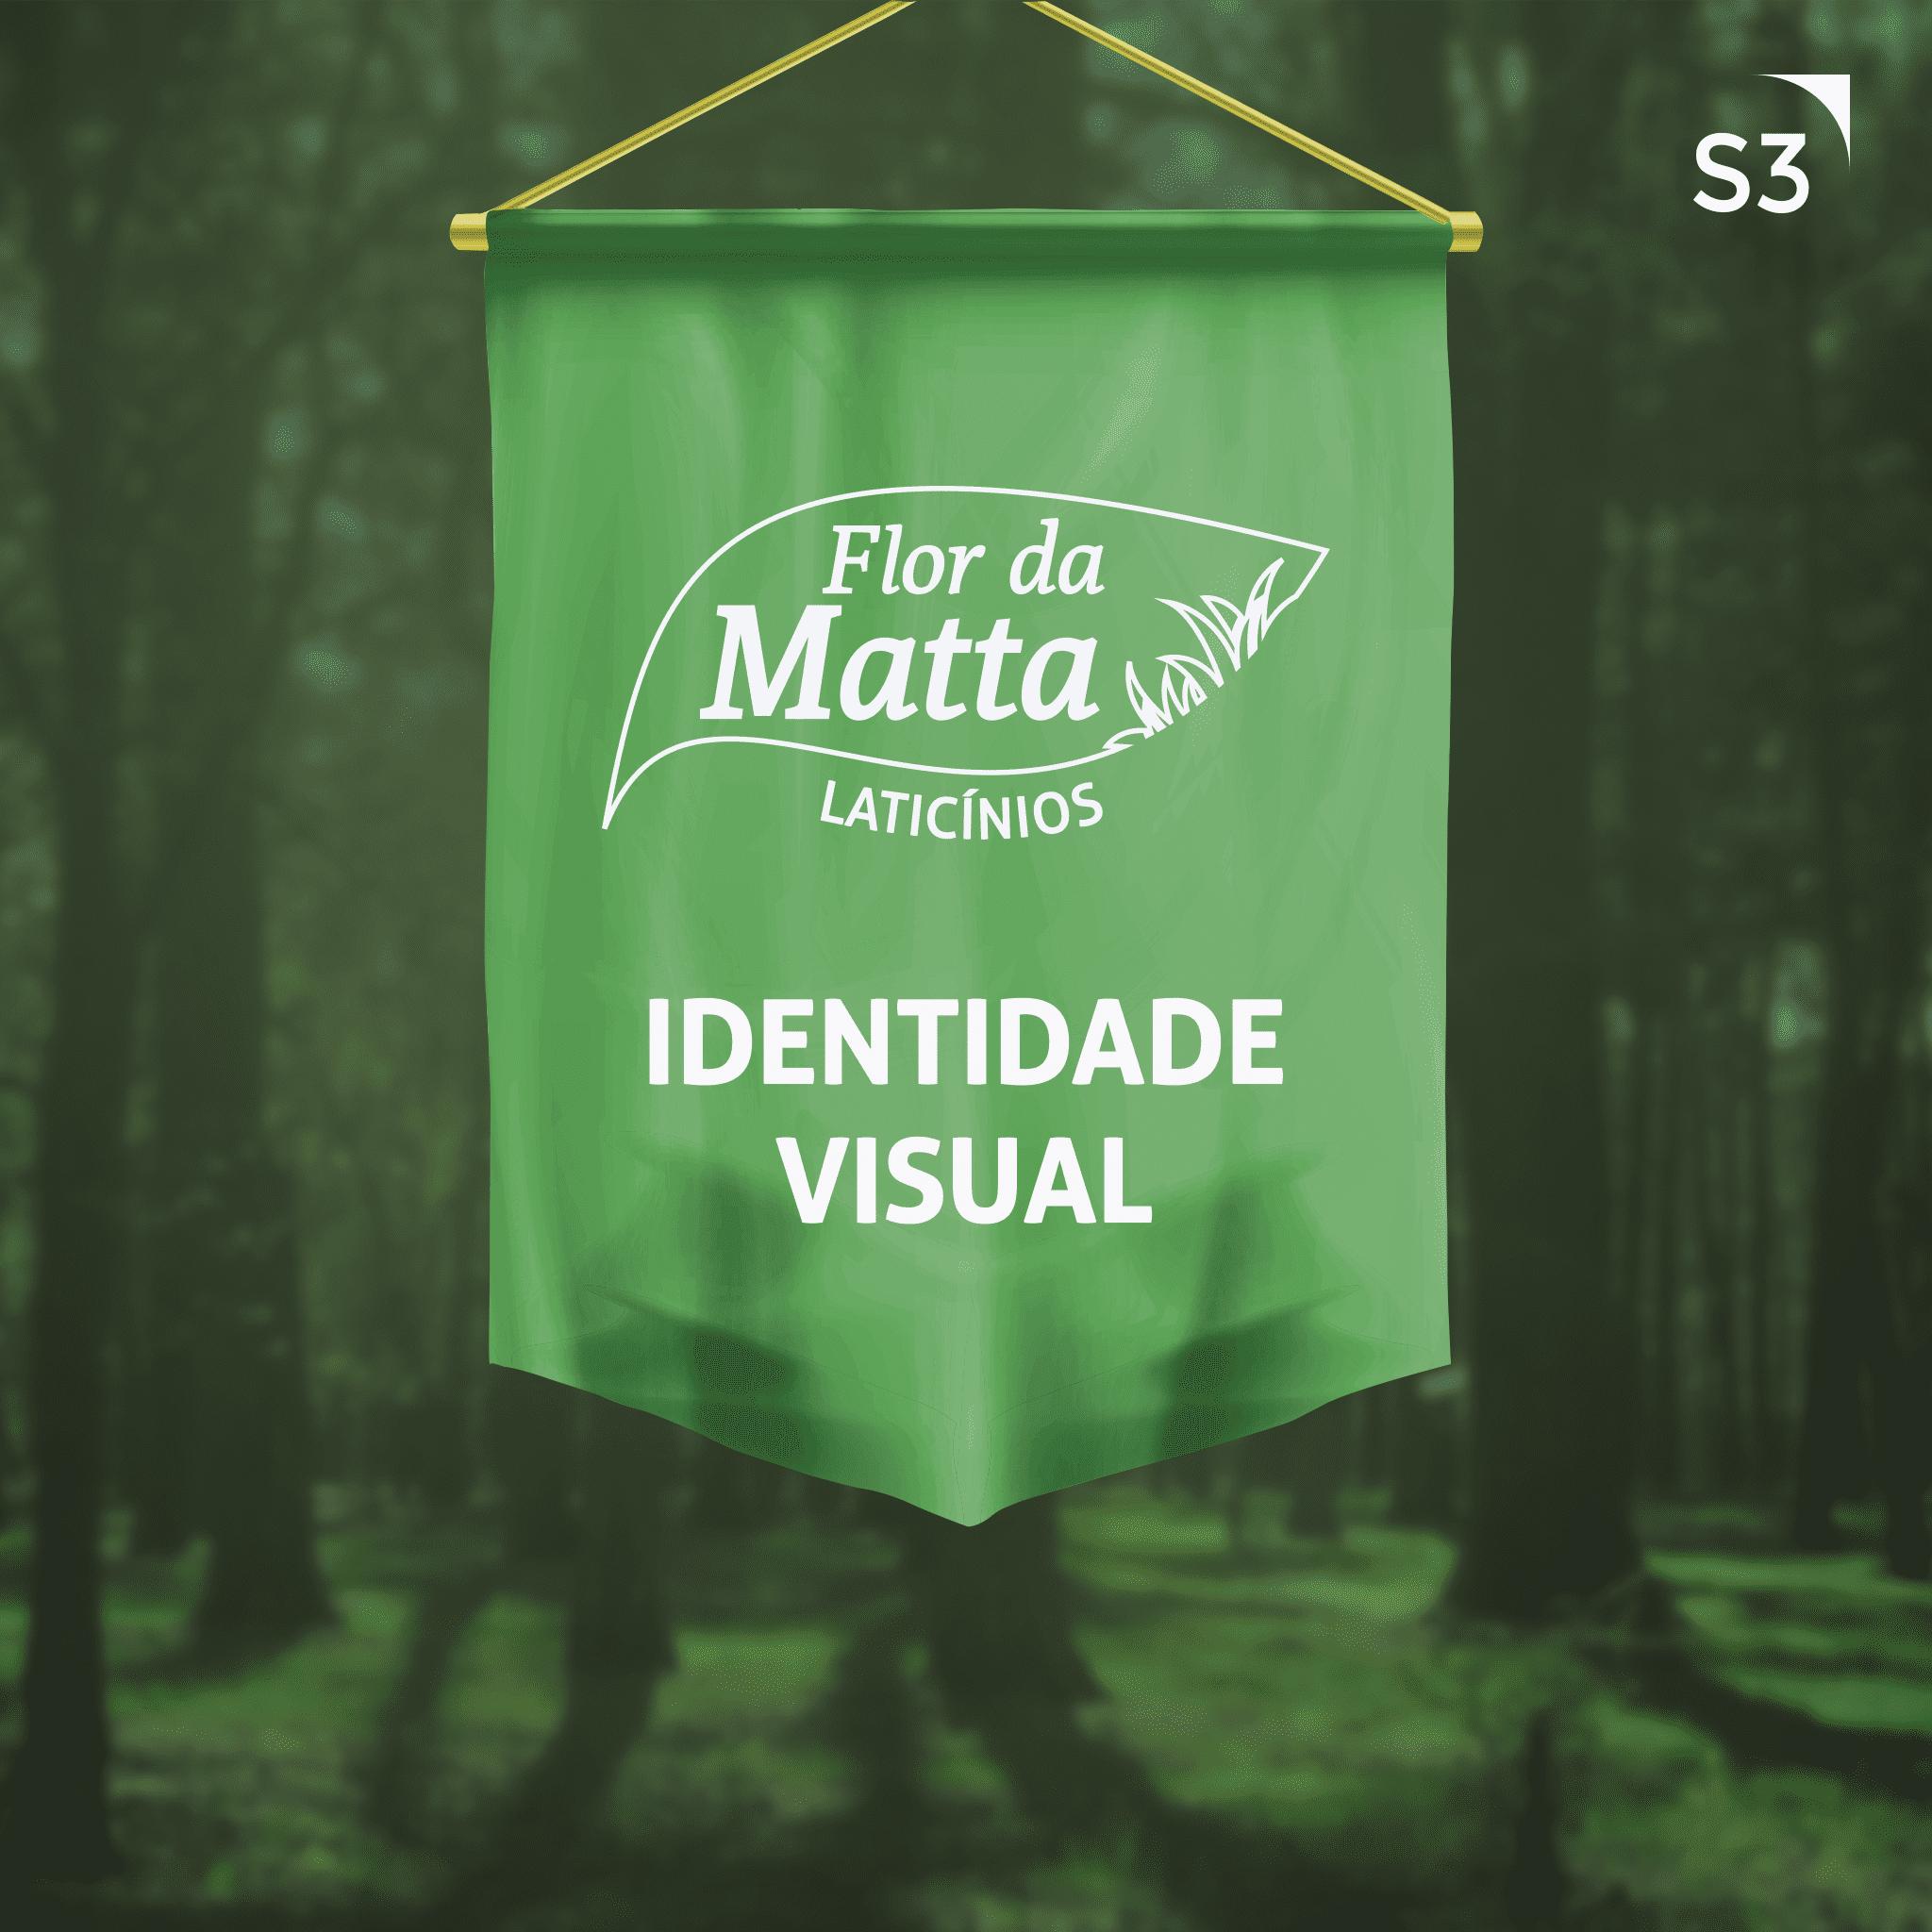 Identidade Visual da produtora de laticínios Flor Da Matta